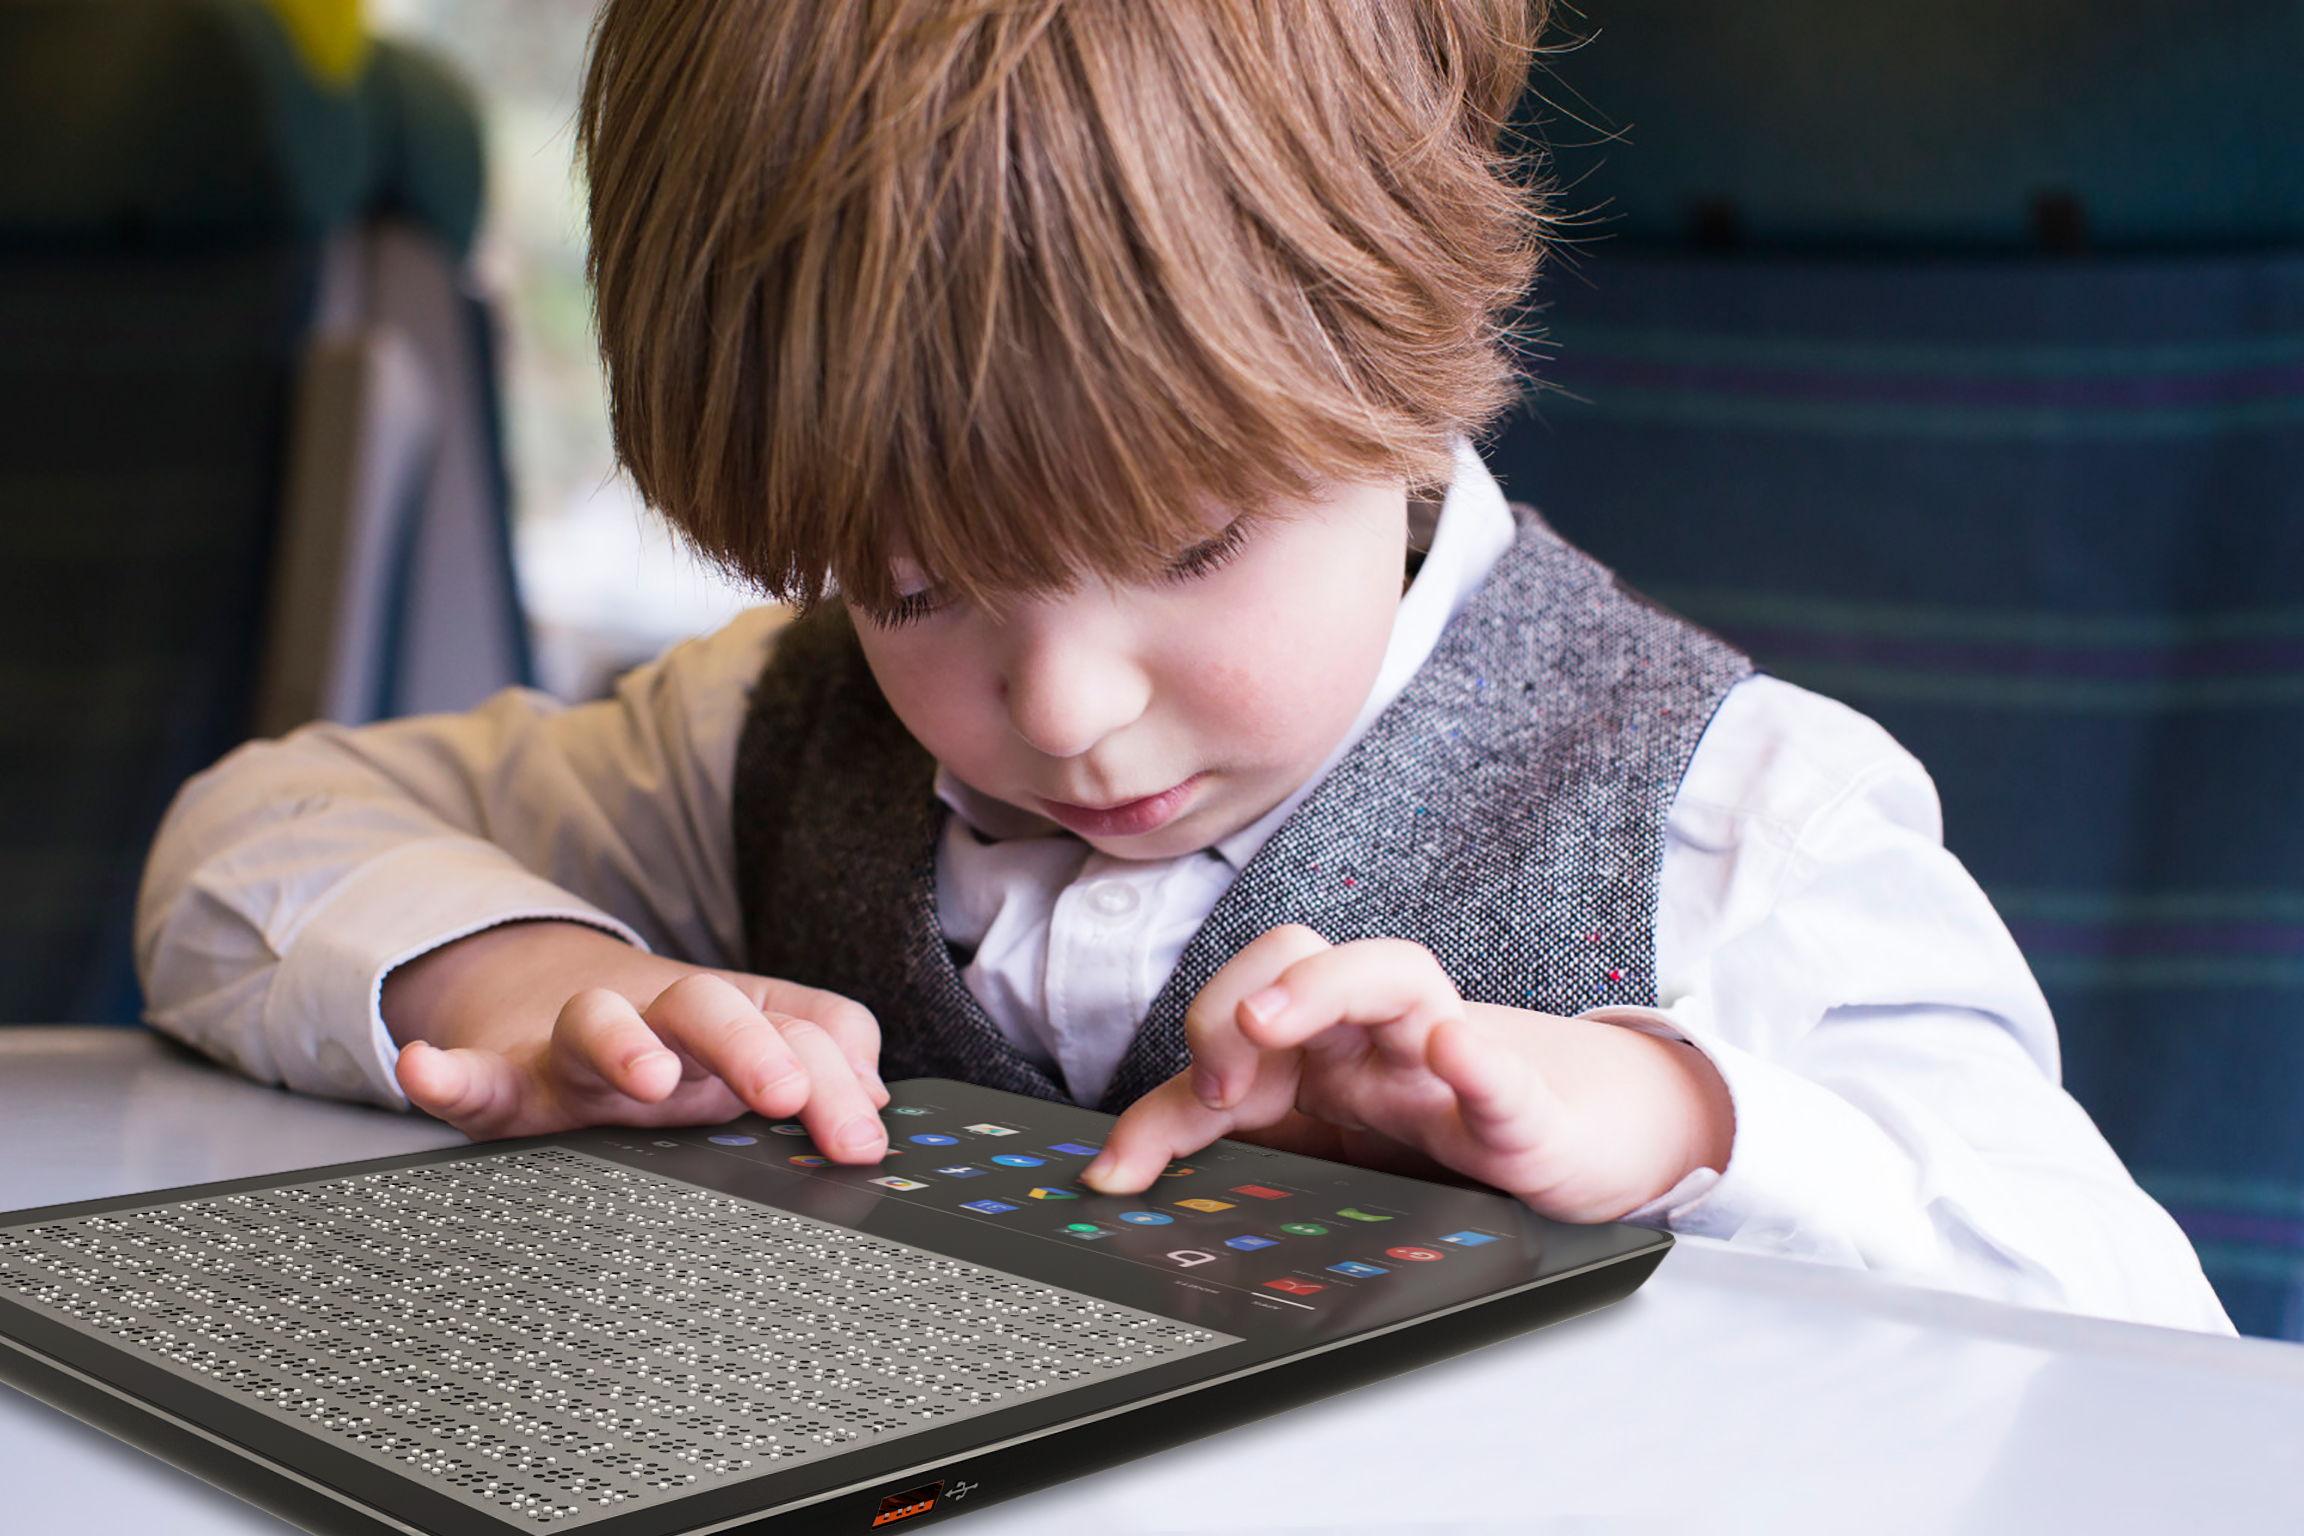 Como a tecnologia pode transformar positivamente a vida das pessoas? 1